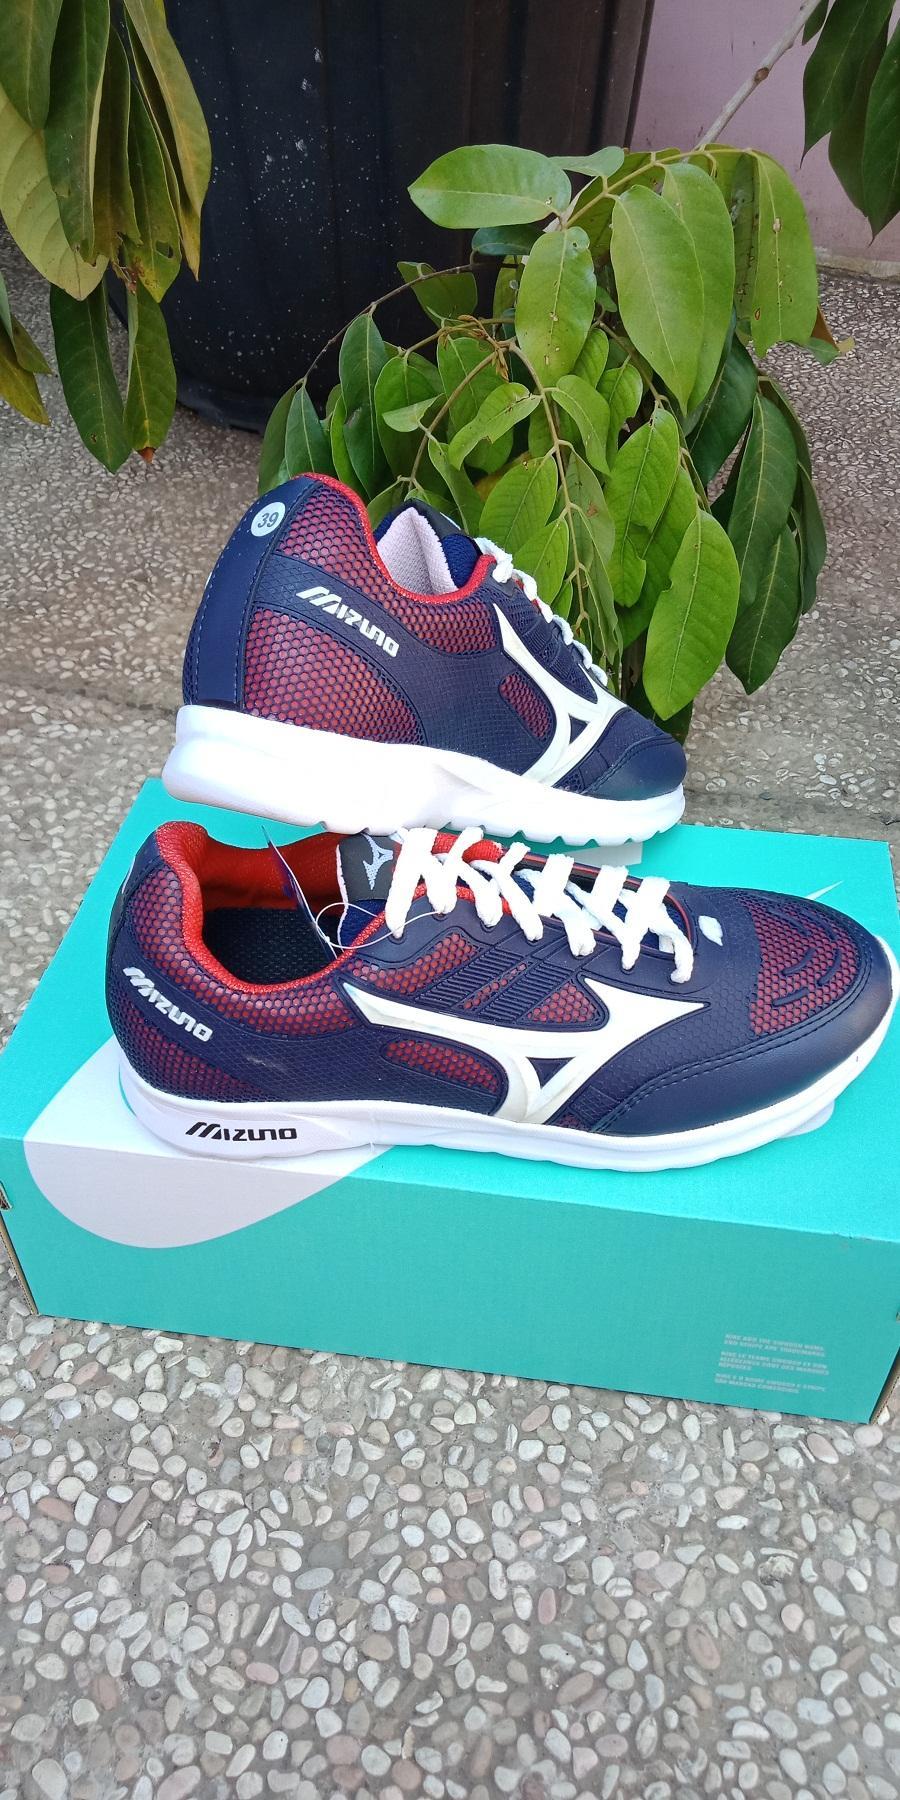 Sepatu MIZUNO   Sepatu pria MIZUNO   sepatu running   Sneakers   Fashion  pria   Sepatu a0e6daf58b